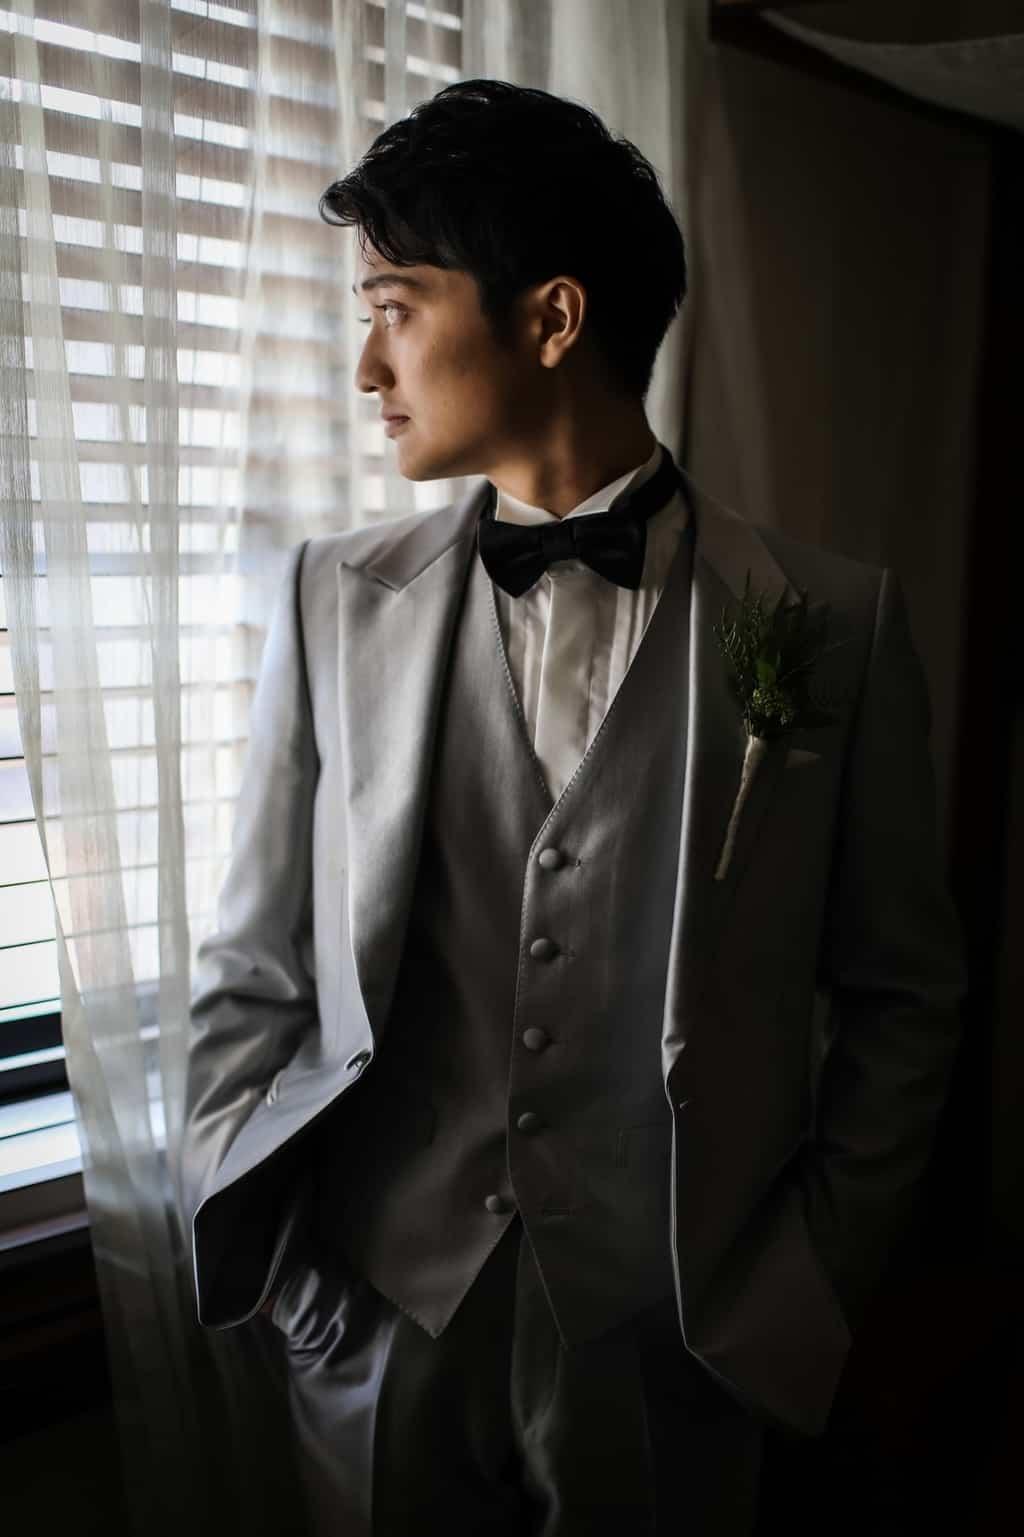 《結婚式新郎衣装》トレンド重視派?それとも正統派?参考にしたいタキシードコーディネート!のカバー写真 1.5009765625